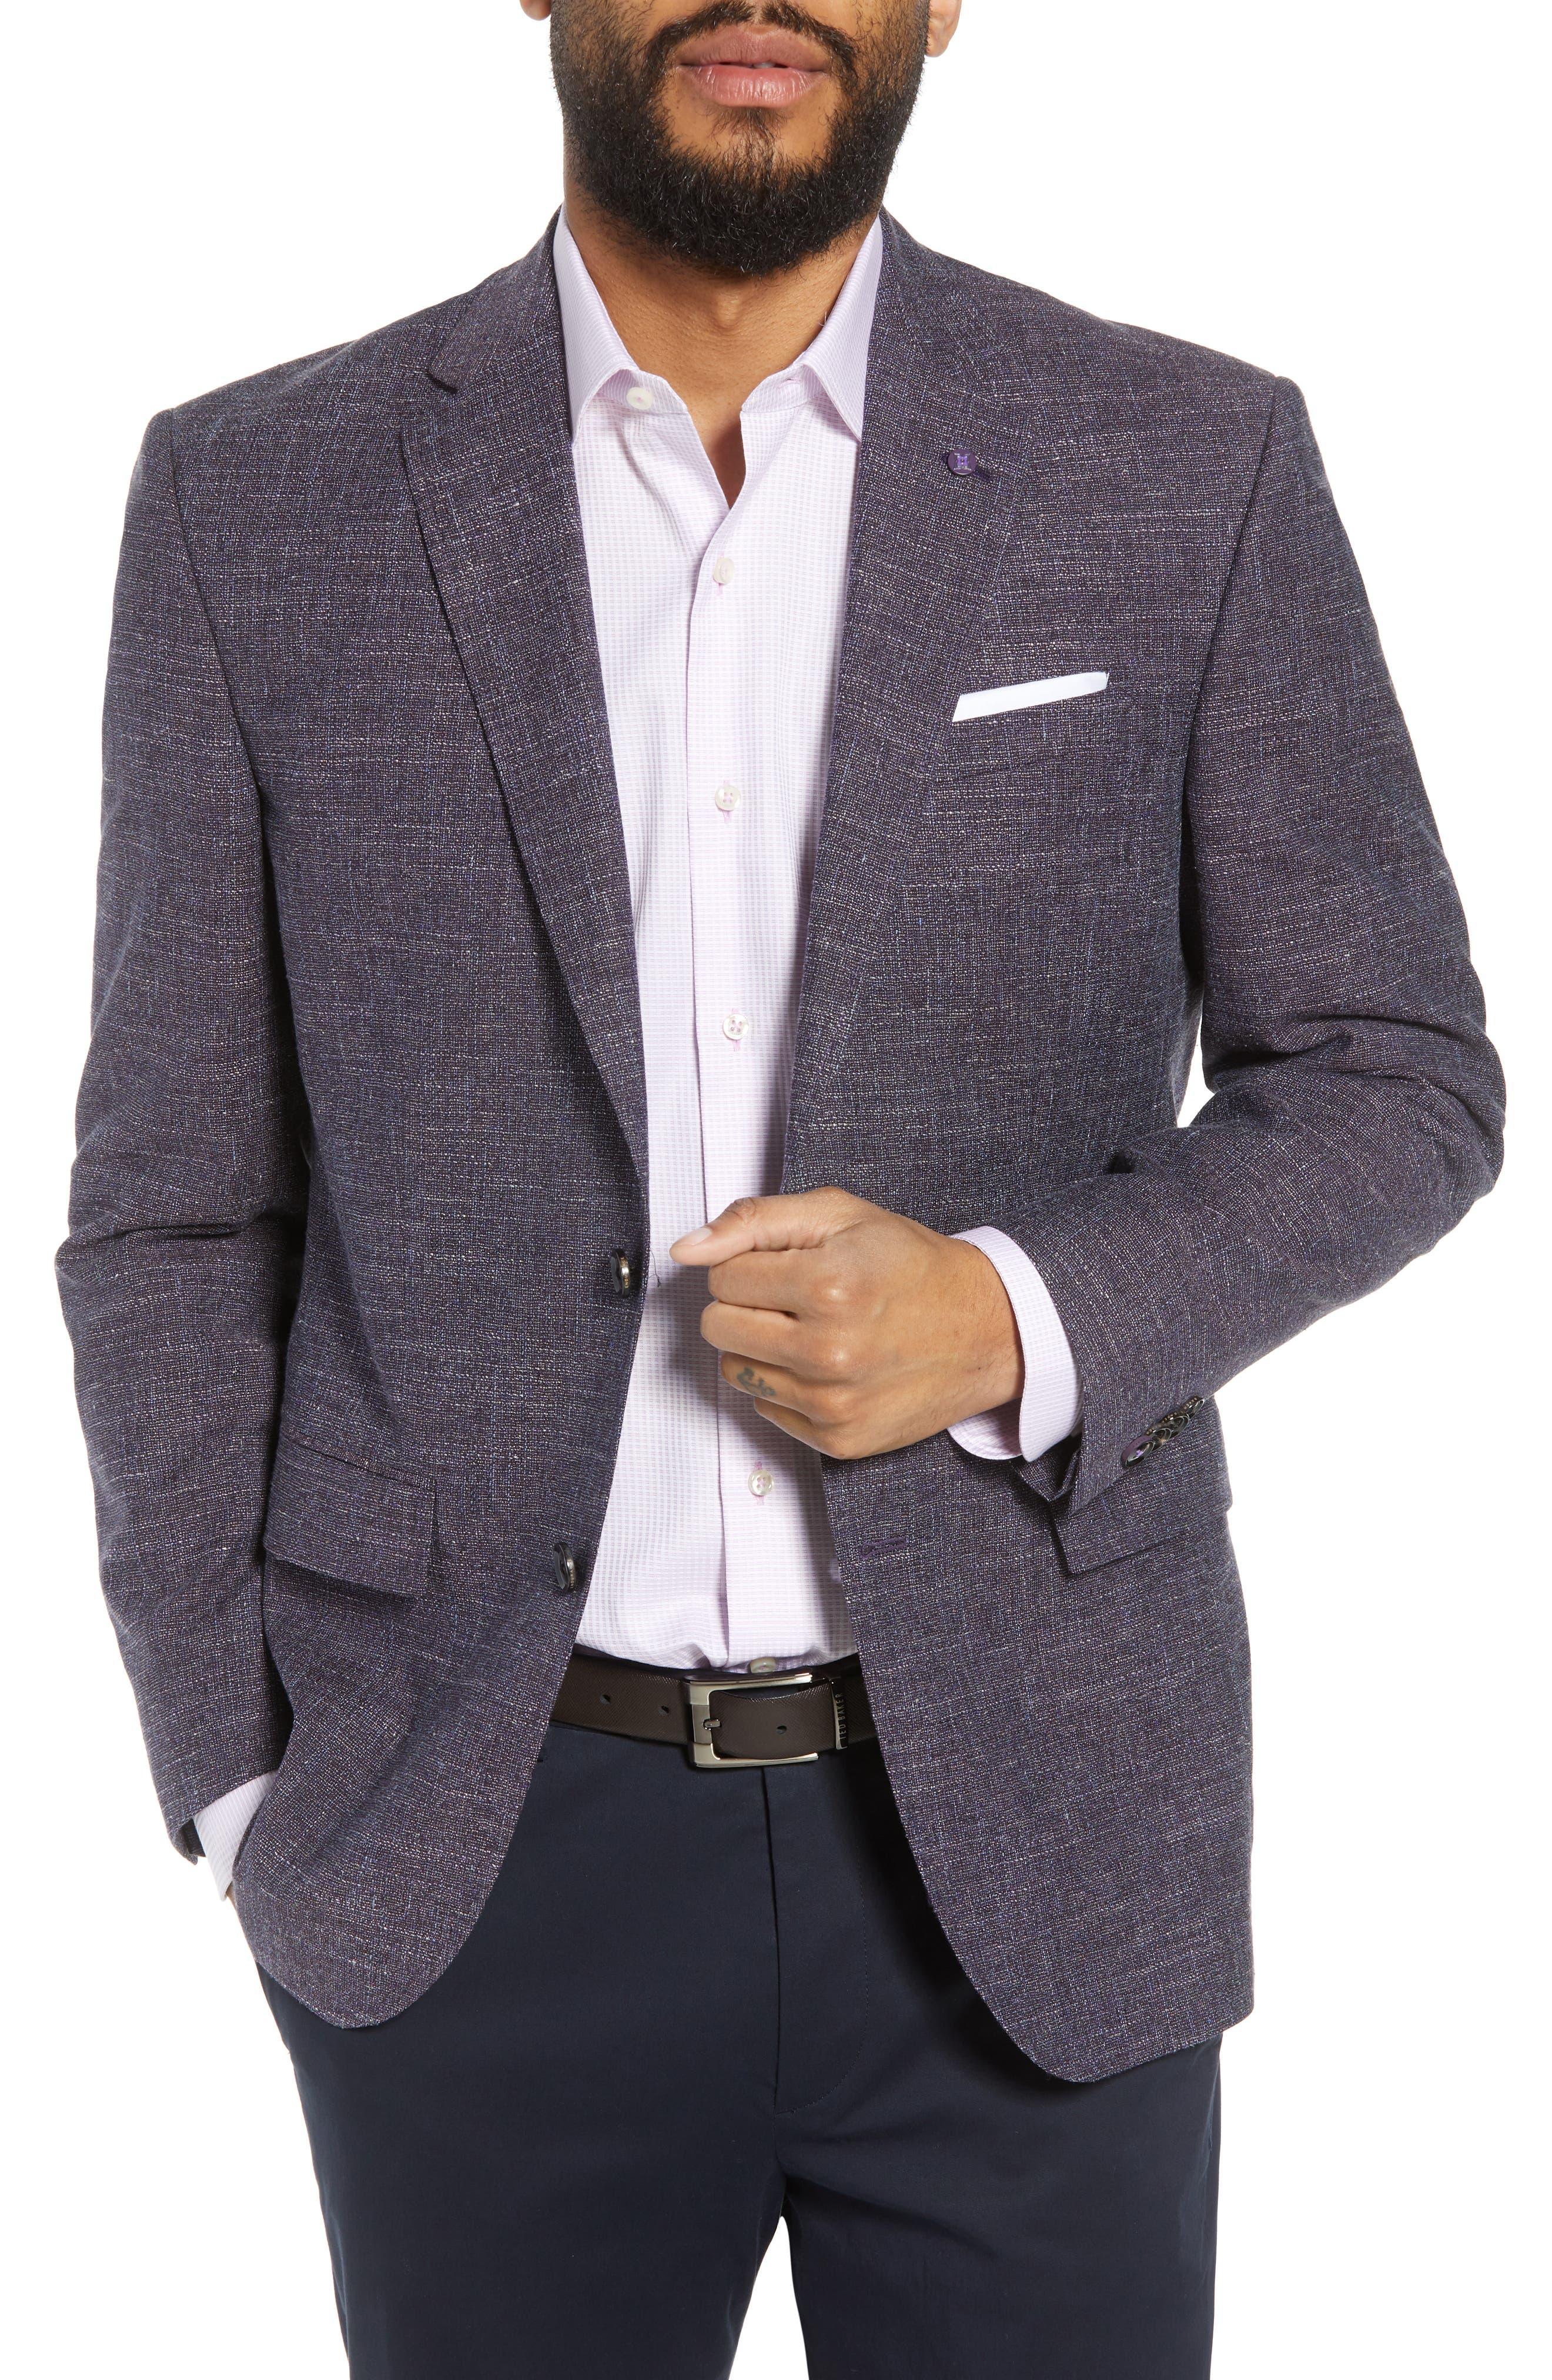 Jay Trim Fit Slubbed Wool, Cotton & Linen Sport Coat,                             Main thumbnail 1, color,                             Plum